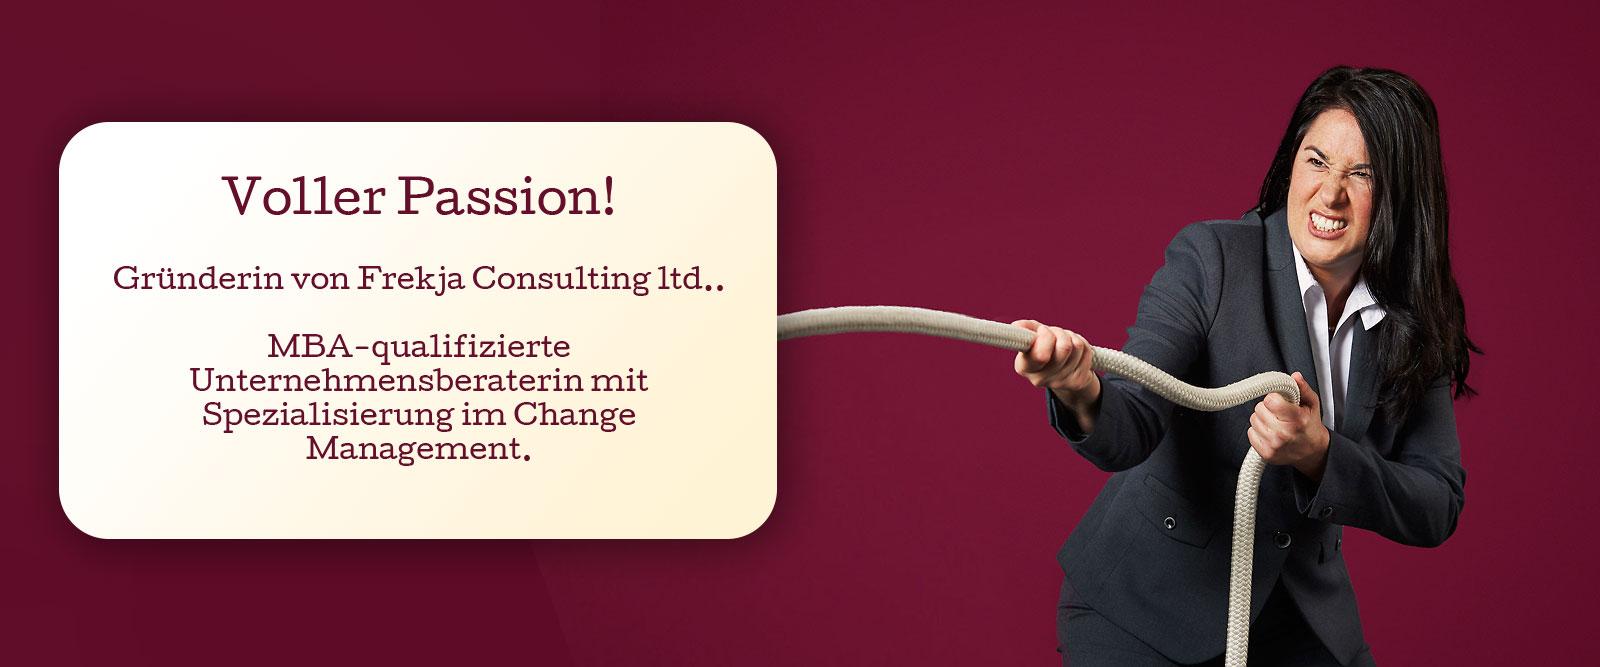 Voller Passion! Gründerin von Frekja Consulting ltd.. MBA-qualifizierte Unternehmensberaterin mit Spezialisierung im Change Management.